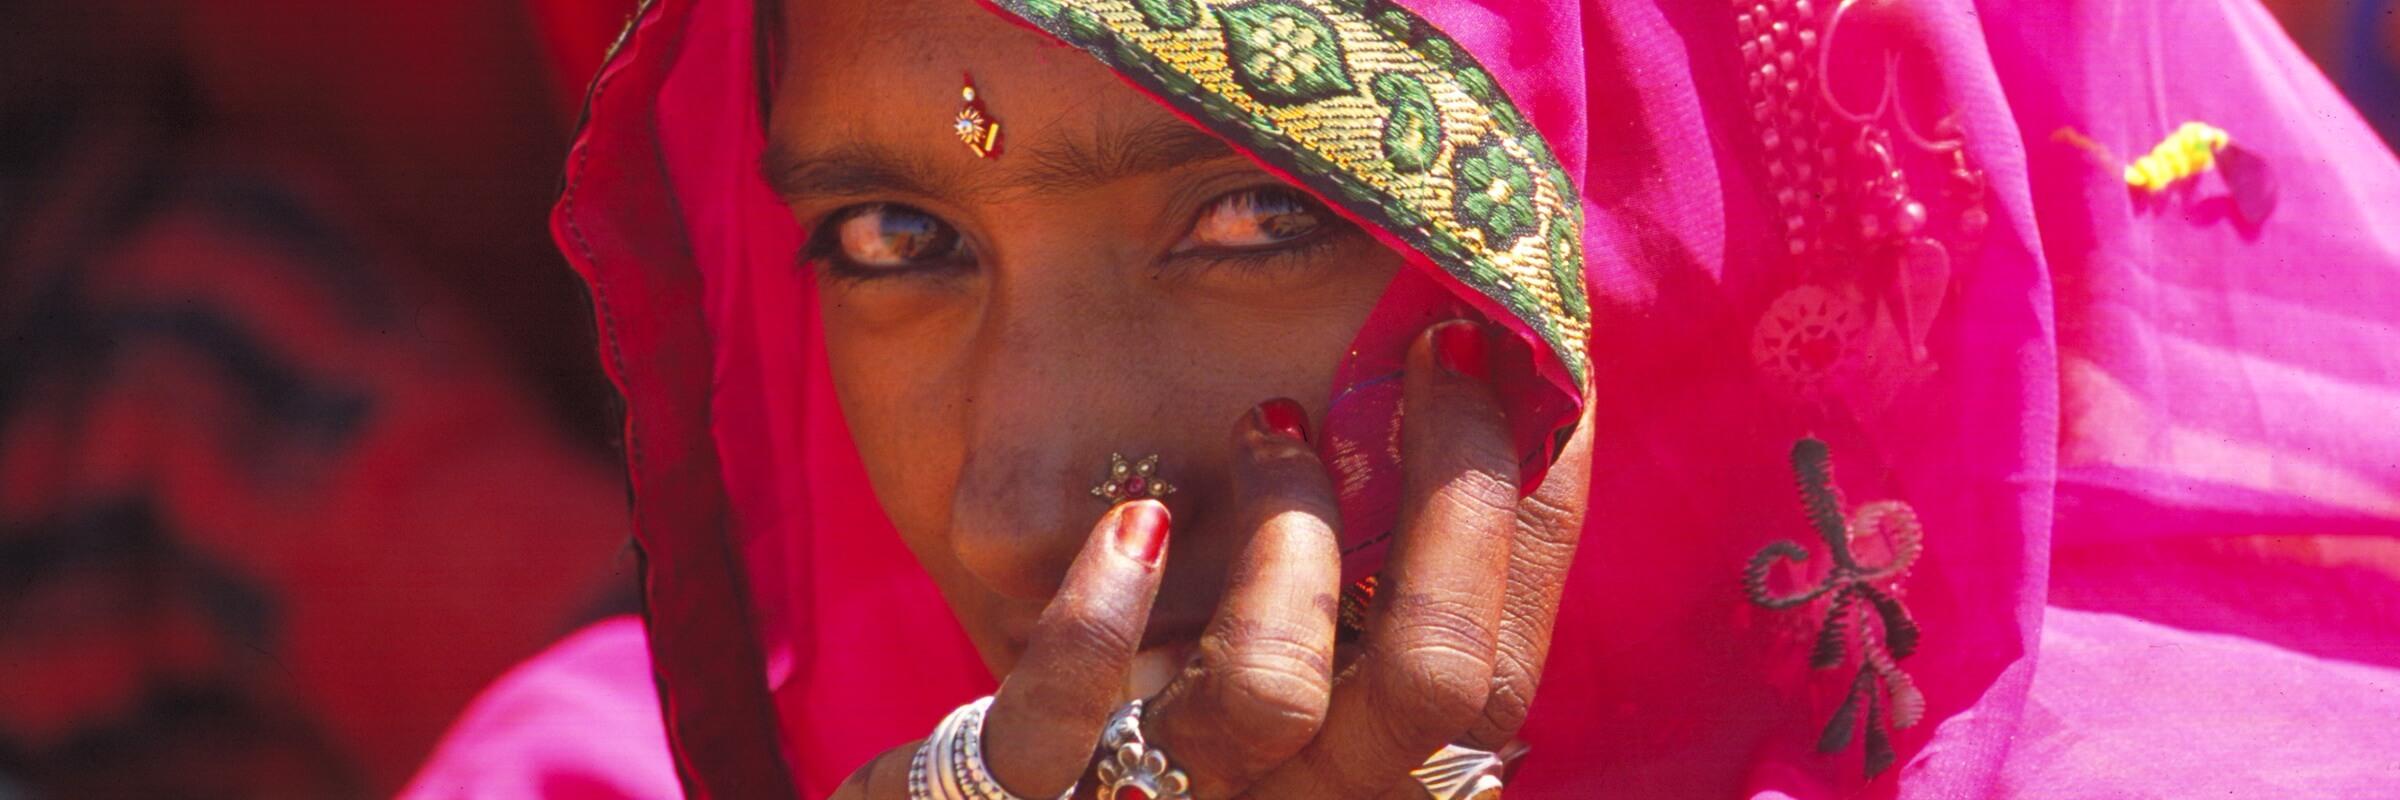 Portraitfoto einer traditionell gekleideten Frau in Rajasthan im Norden von Indien.